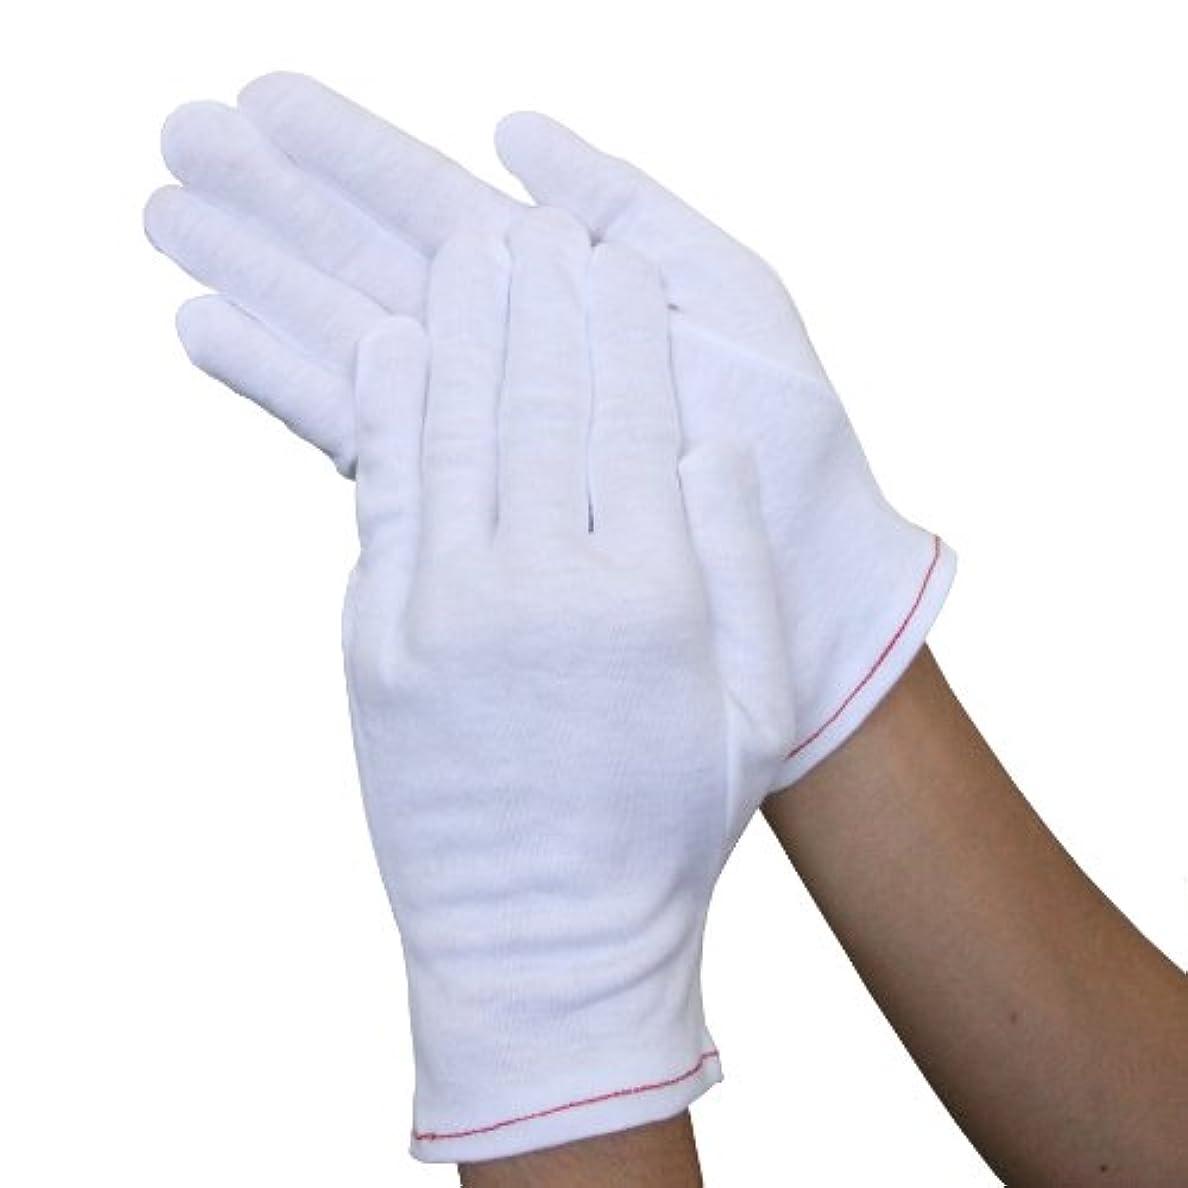 ビヨン養う工夫するウインセス 【心地よい肌触り/おやすみ手袋】 綿100%手袋 (2双) (S)